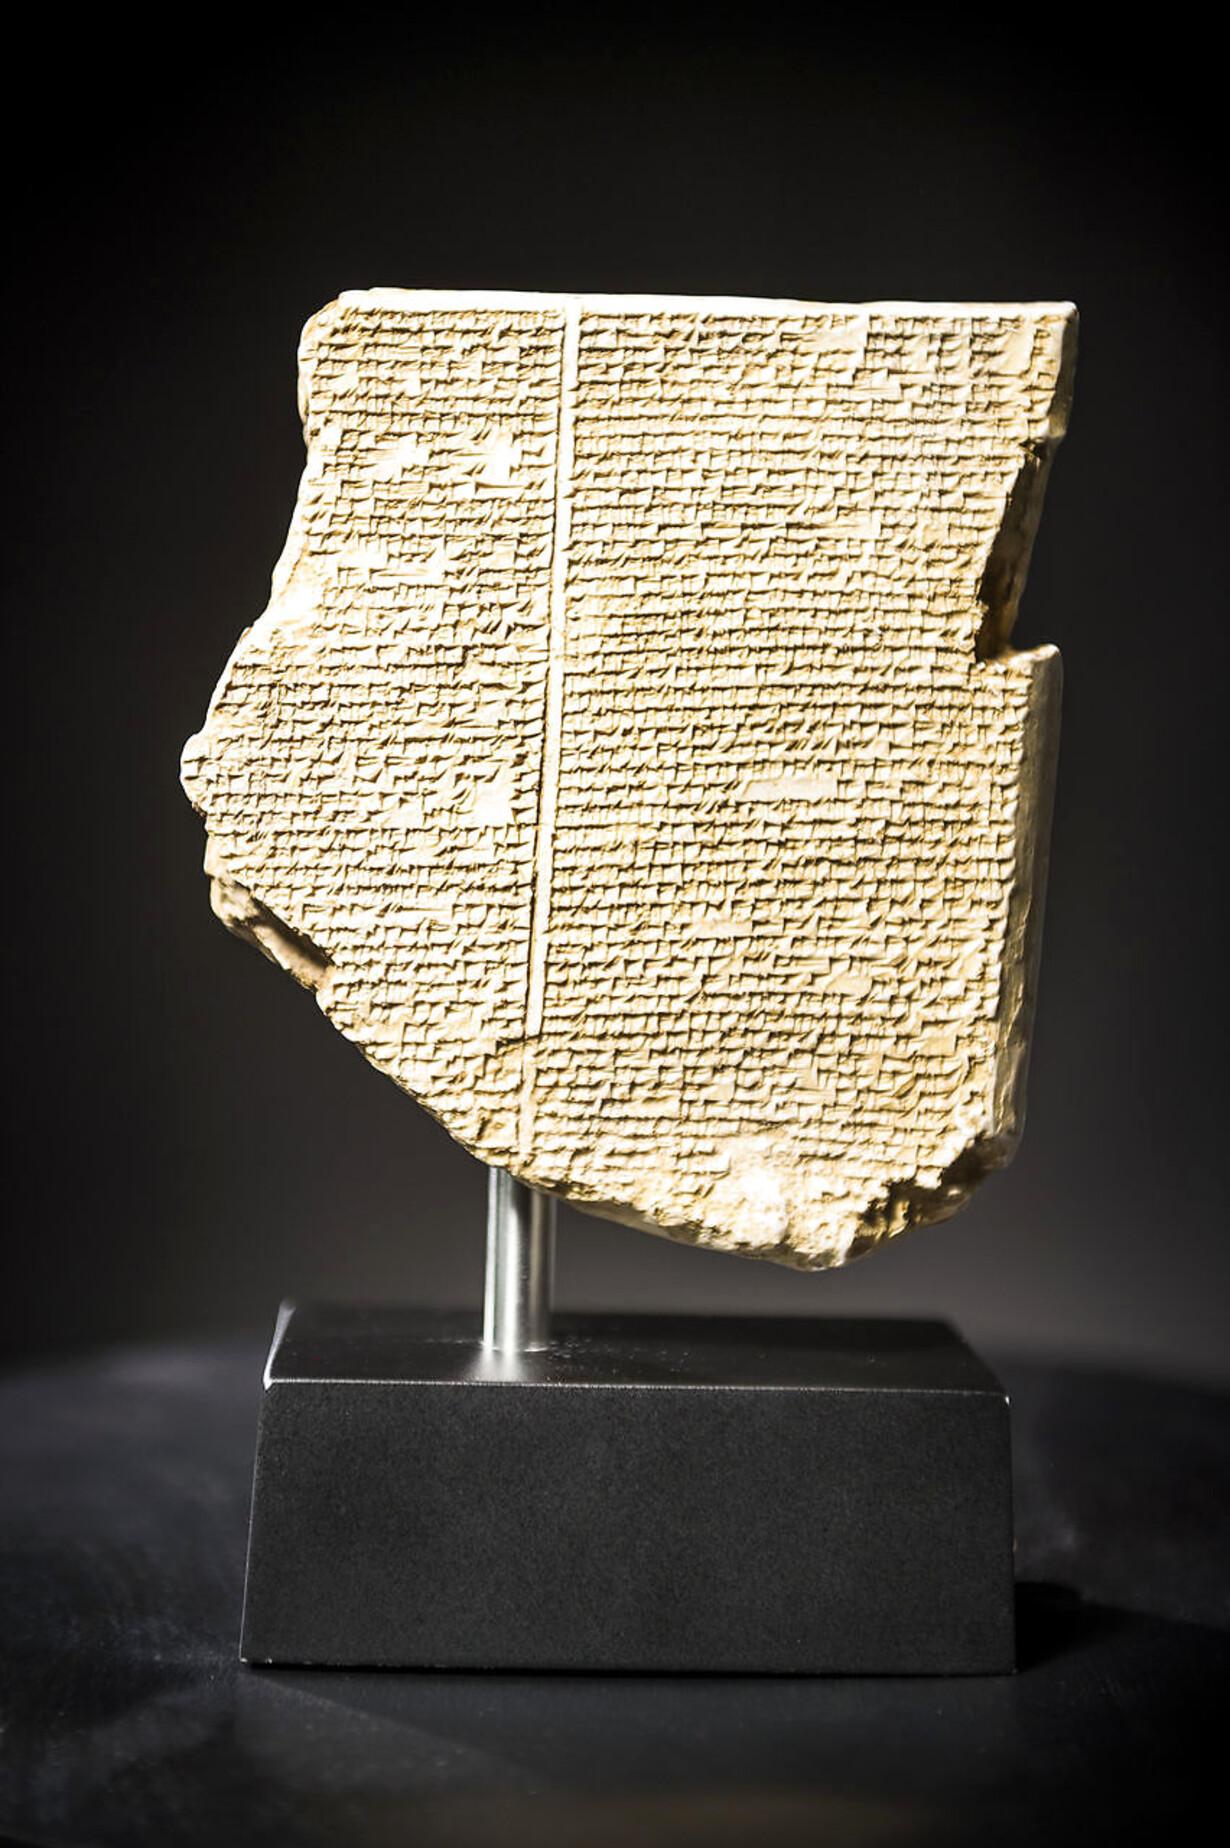 GilgameshTavle